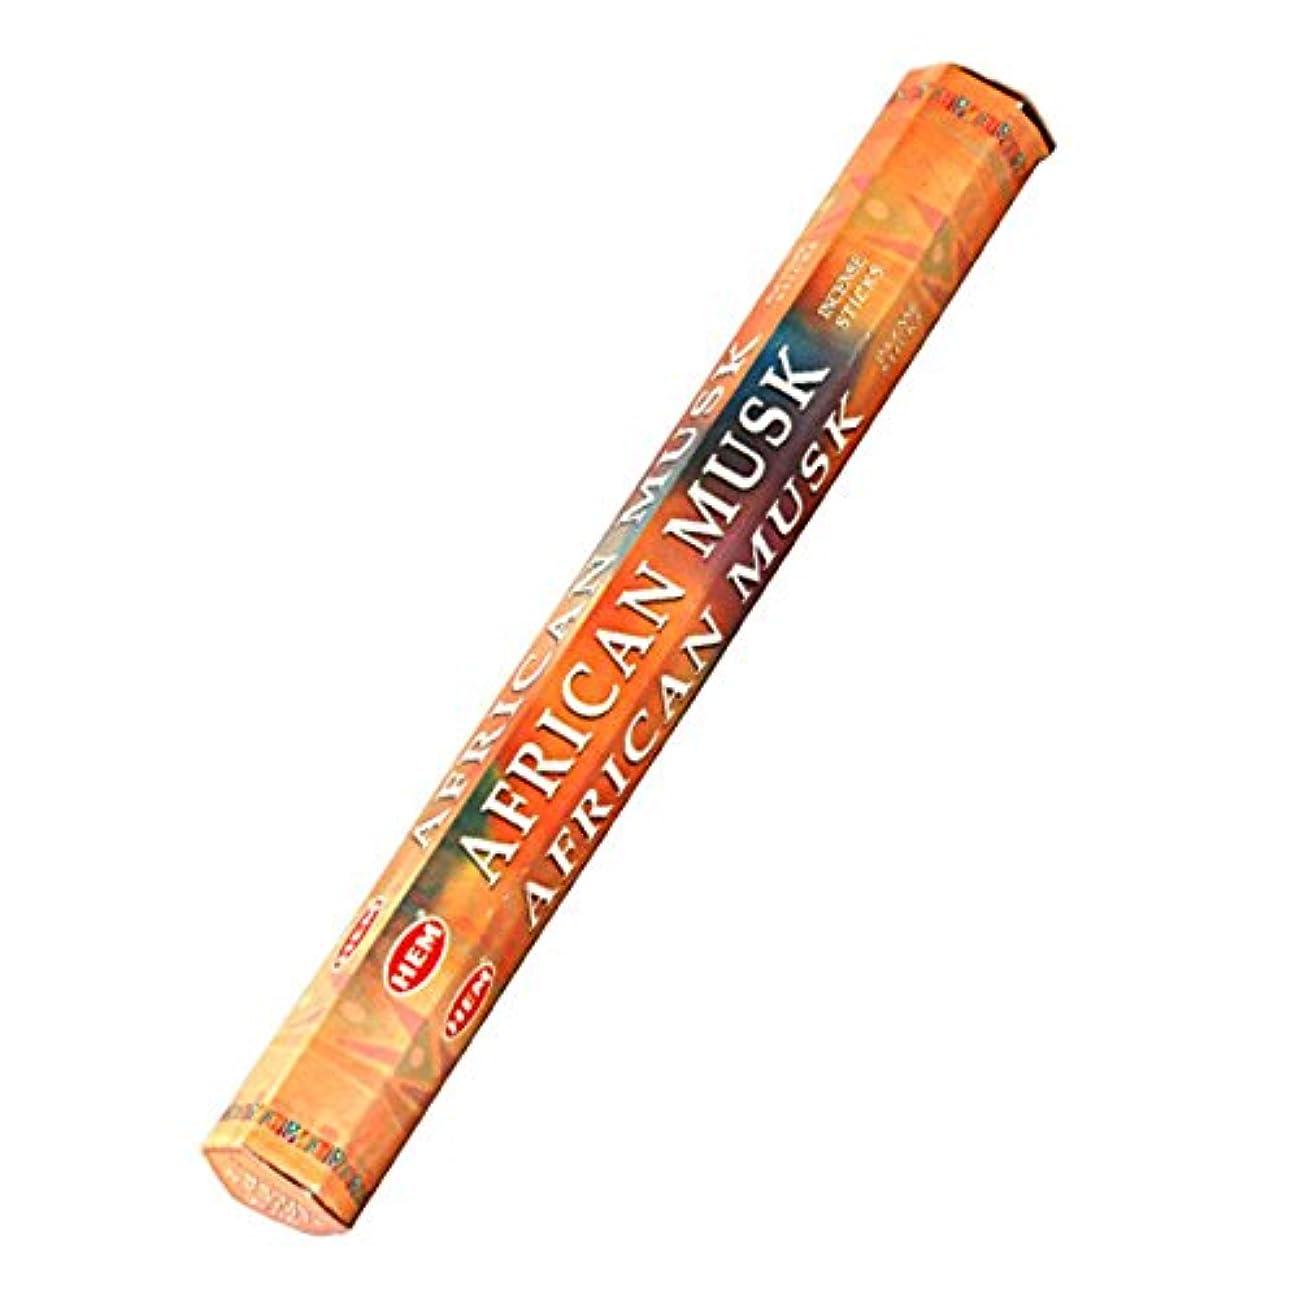 におい首雰囲気HEM(ヘム) アフリカンムスク AFRICAN MUSK スティックタイプ お香 1筒 単品 [並行輸入品]